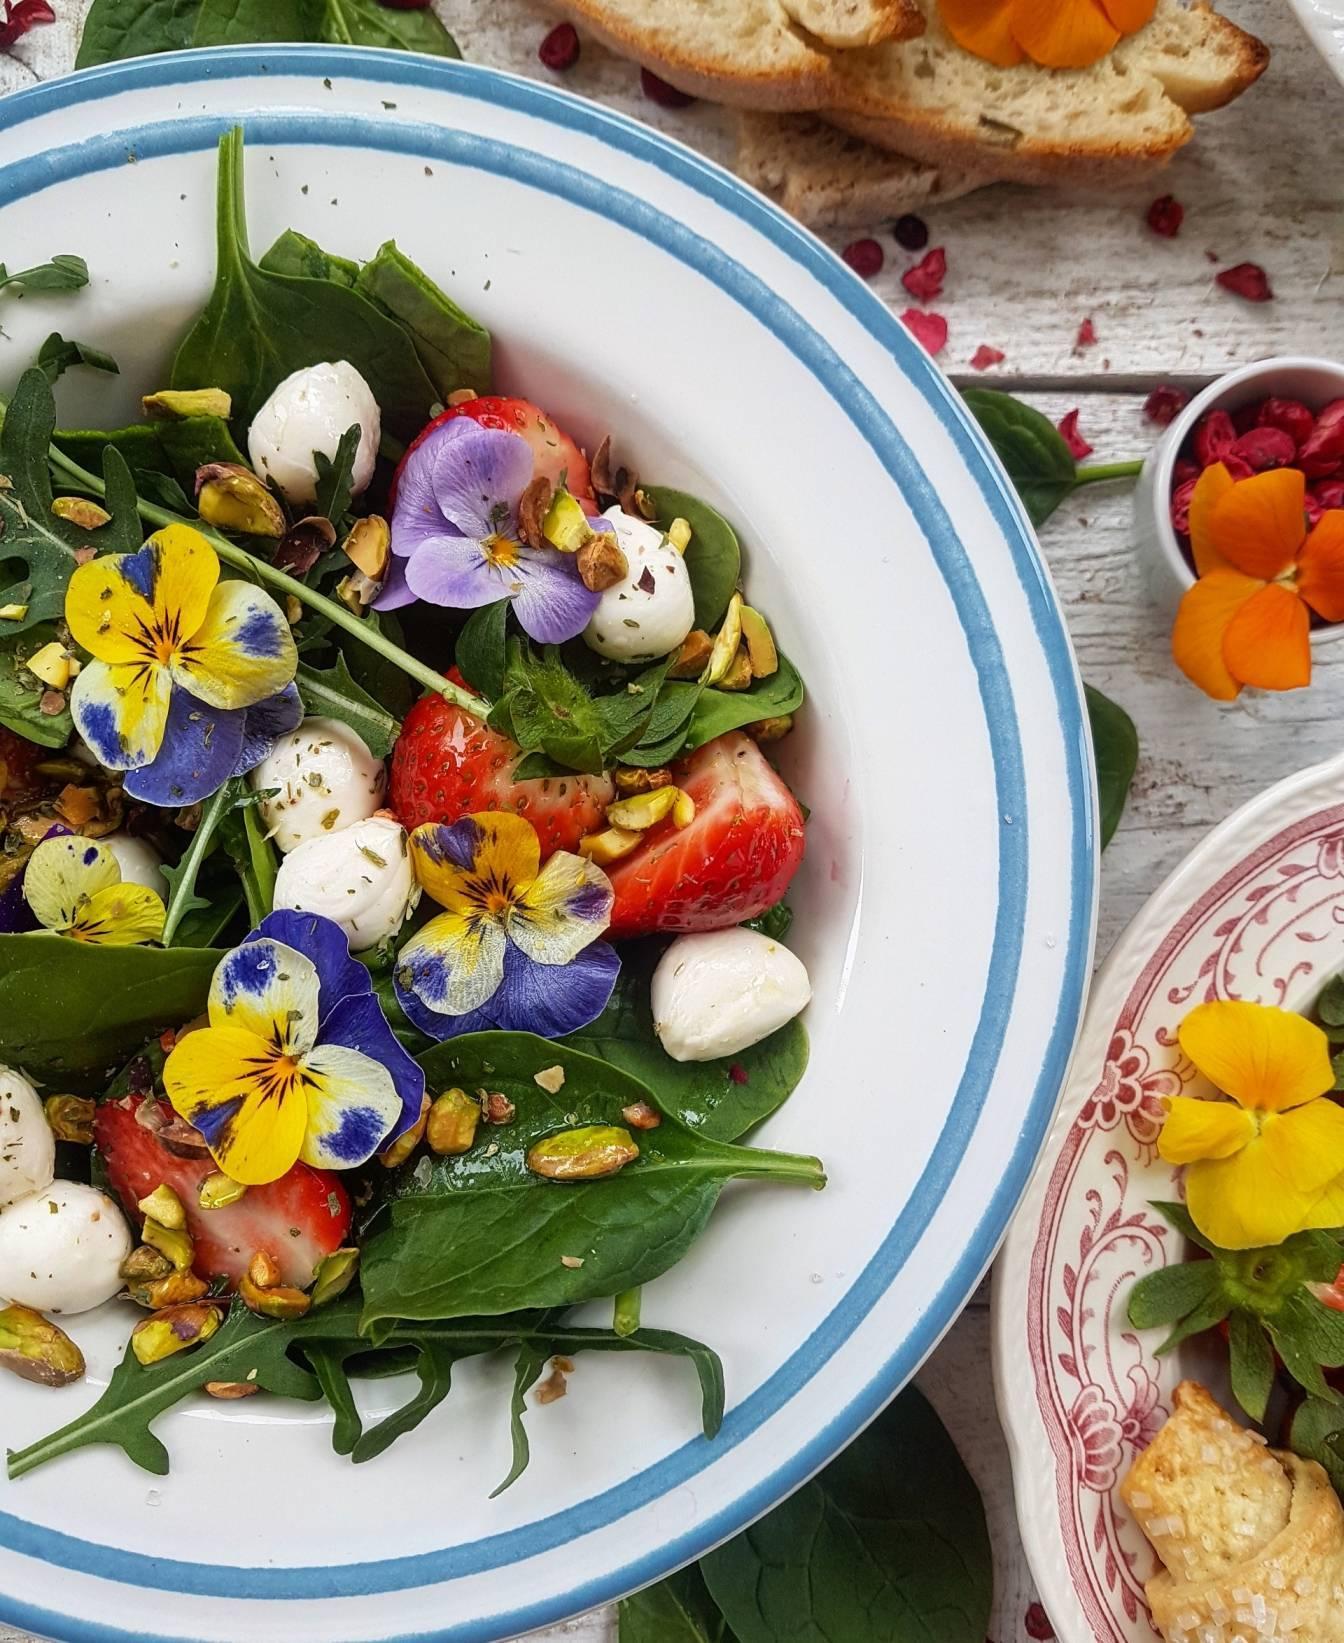 Sałatka z bratkami, owocami, mozzarellą i pistacjami. Przepisy z kwiatami jadalnymi Agnieszki Żelazko.